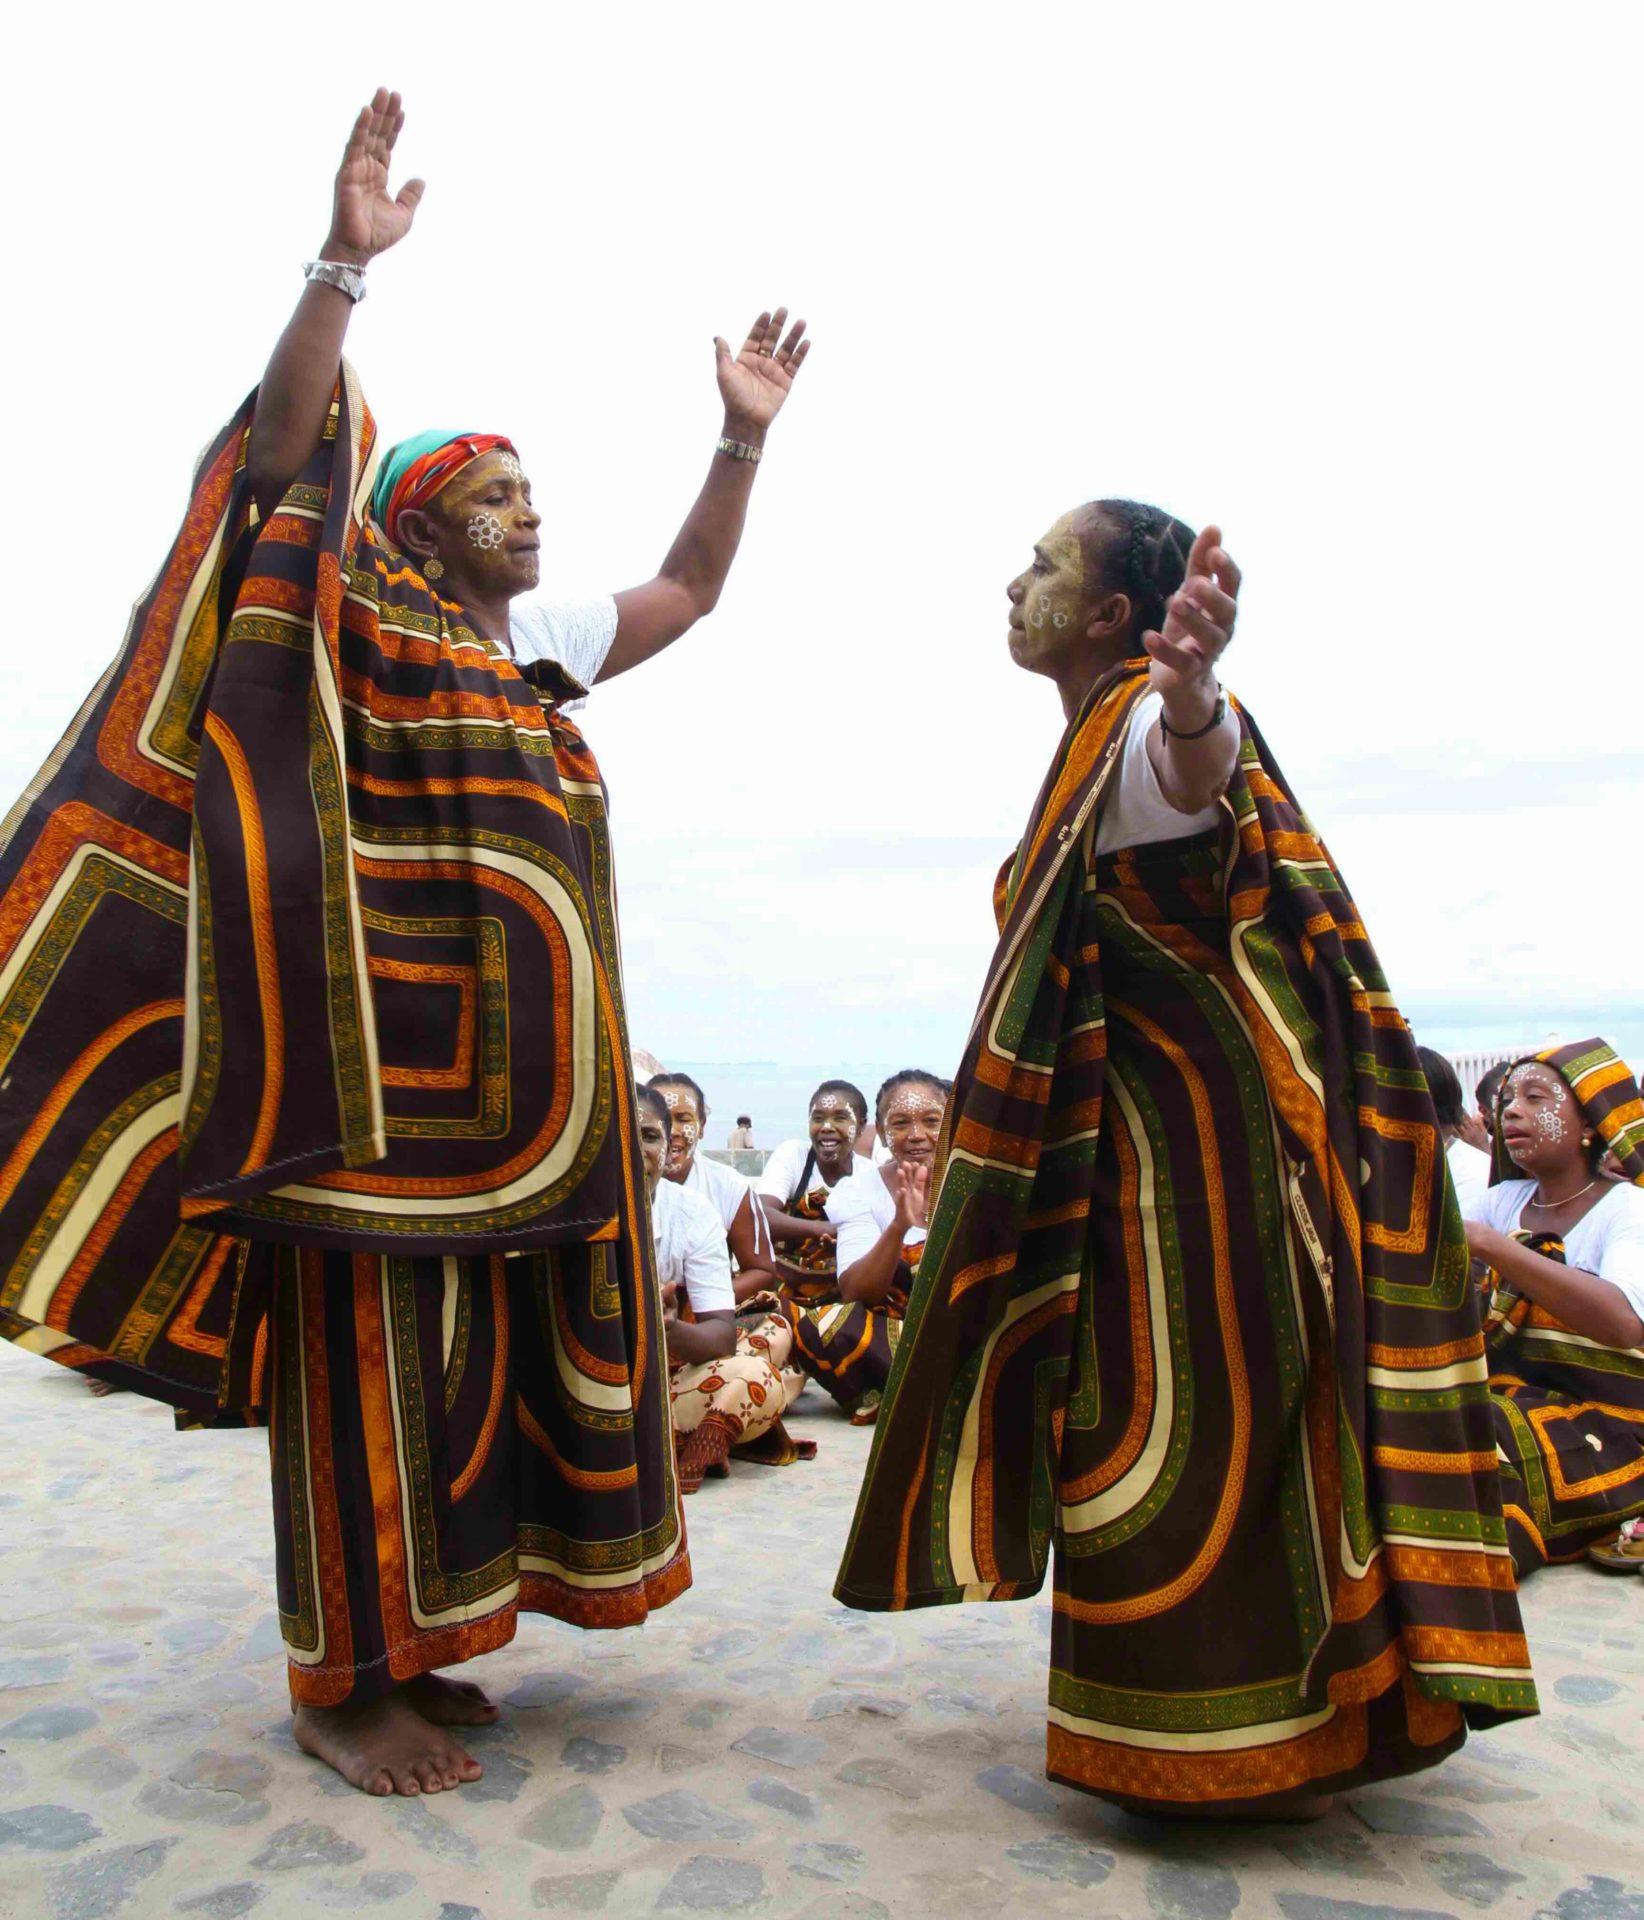 Malagasy culture